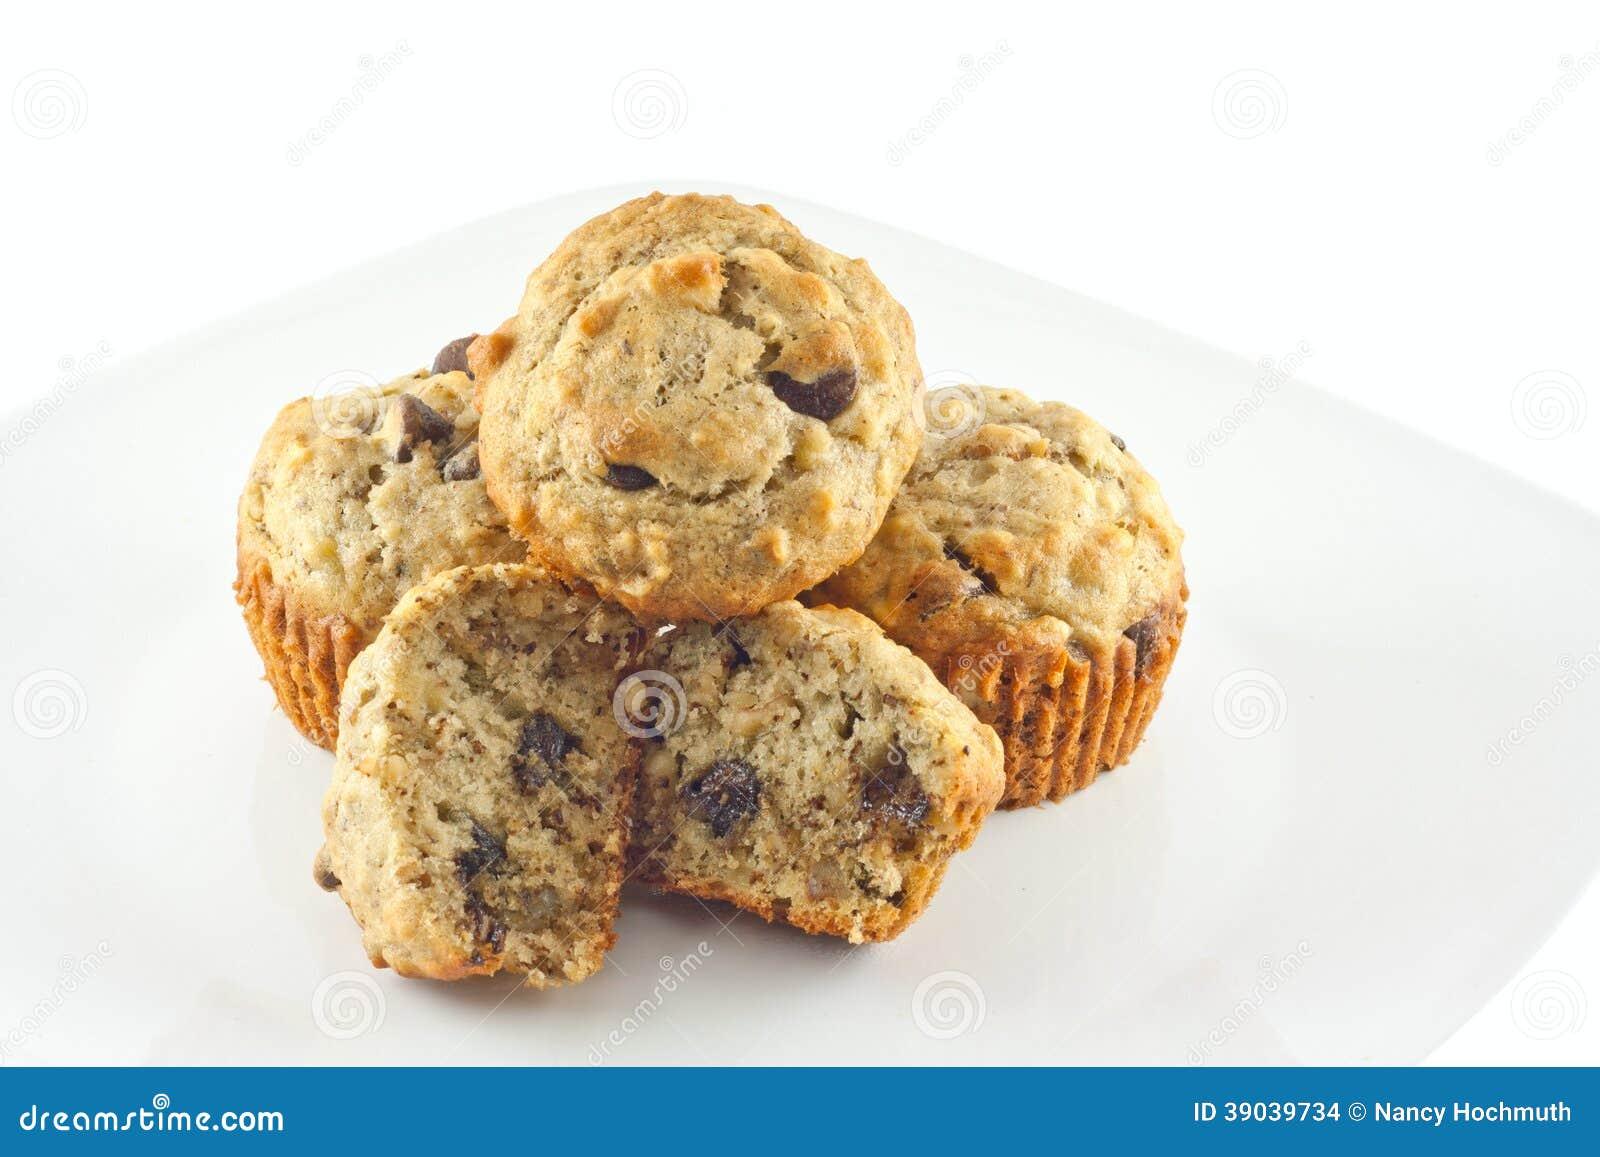 Banana Chocolate Chip Walnut Muffins